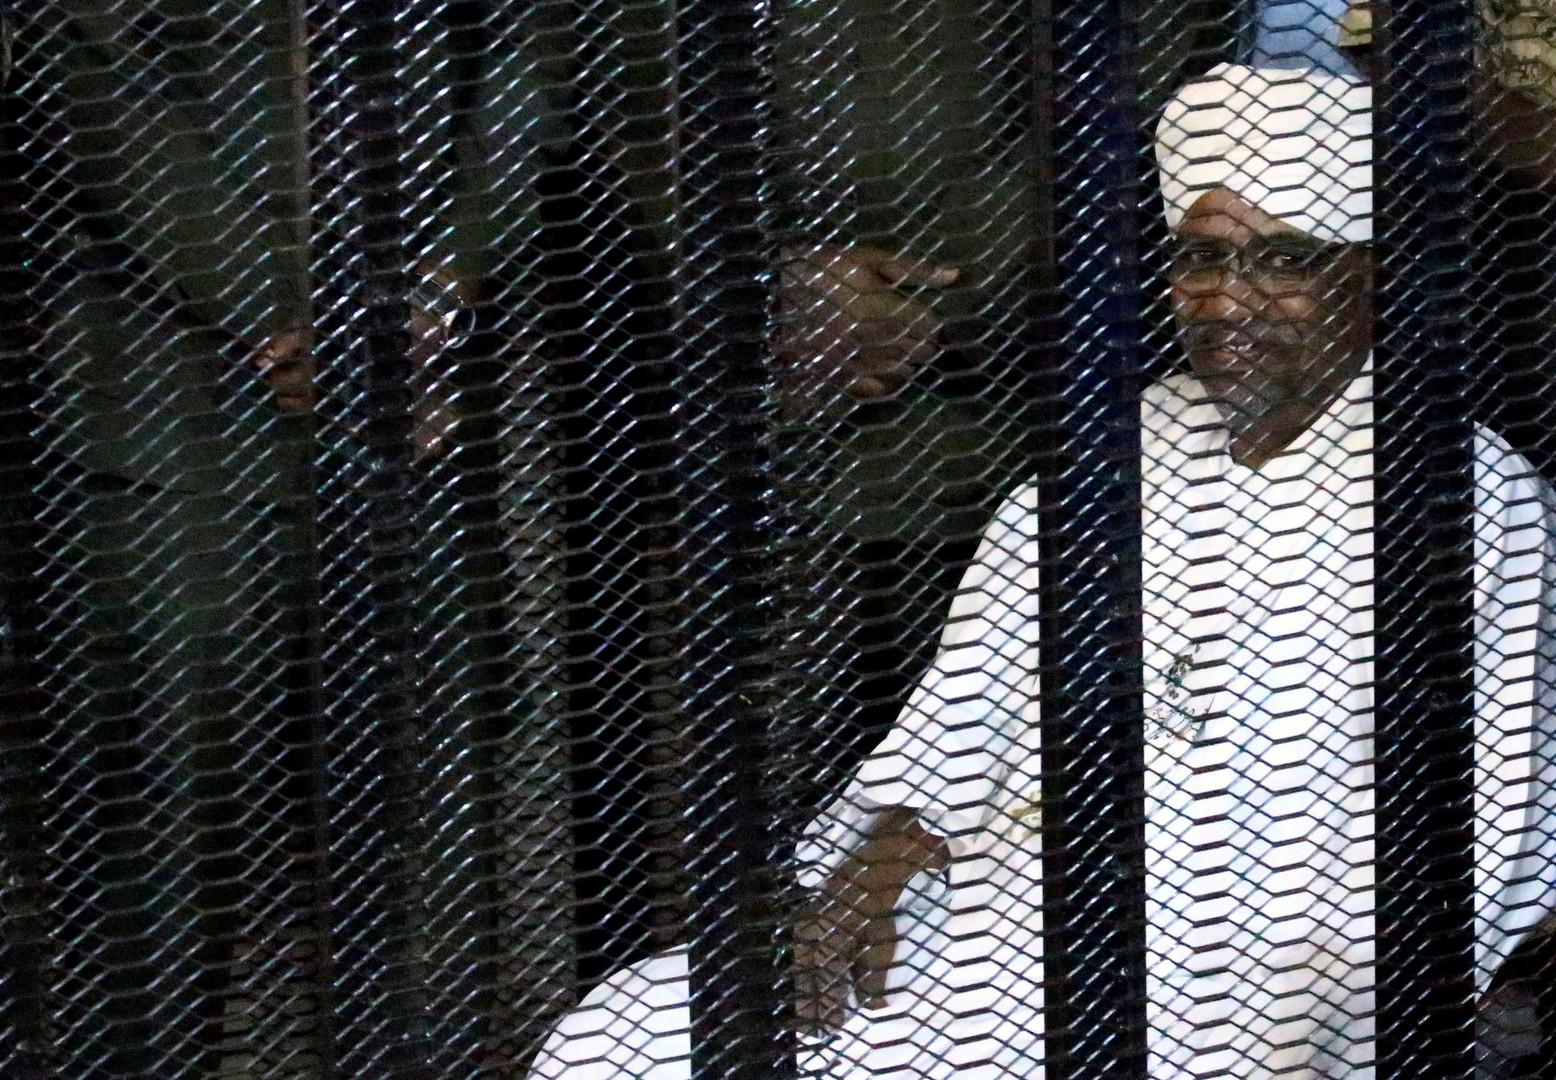 سر ابتسامة الرئيس السوداني عمر البشير داخل قفص اتهامه بـ